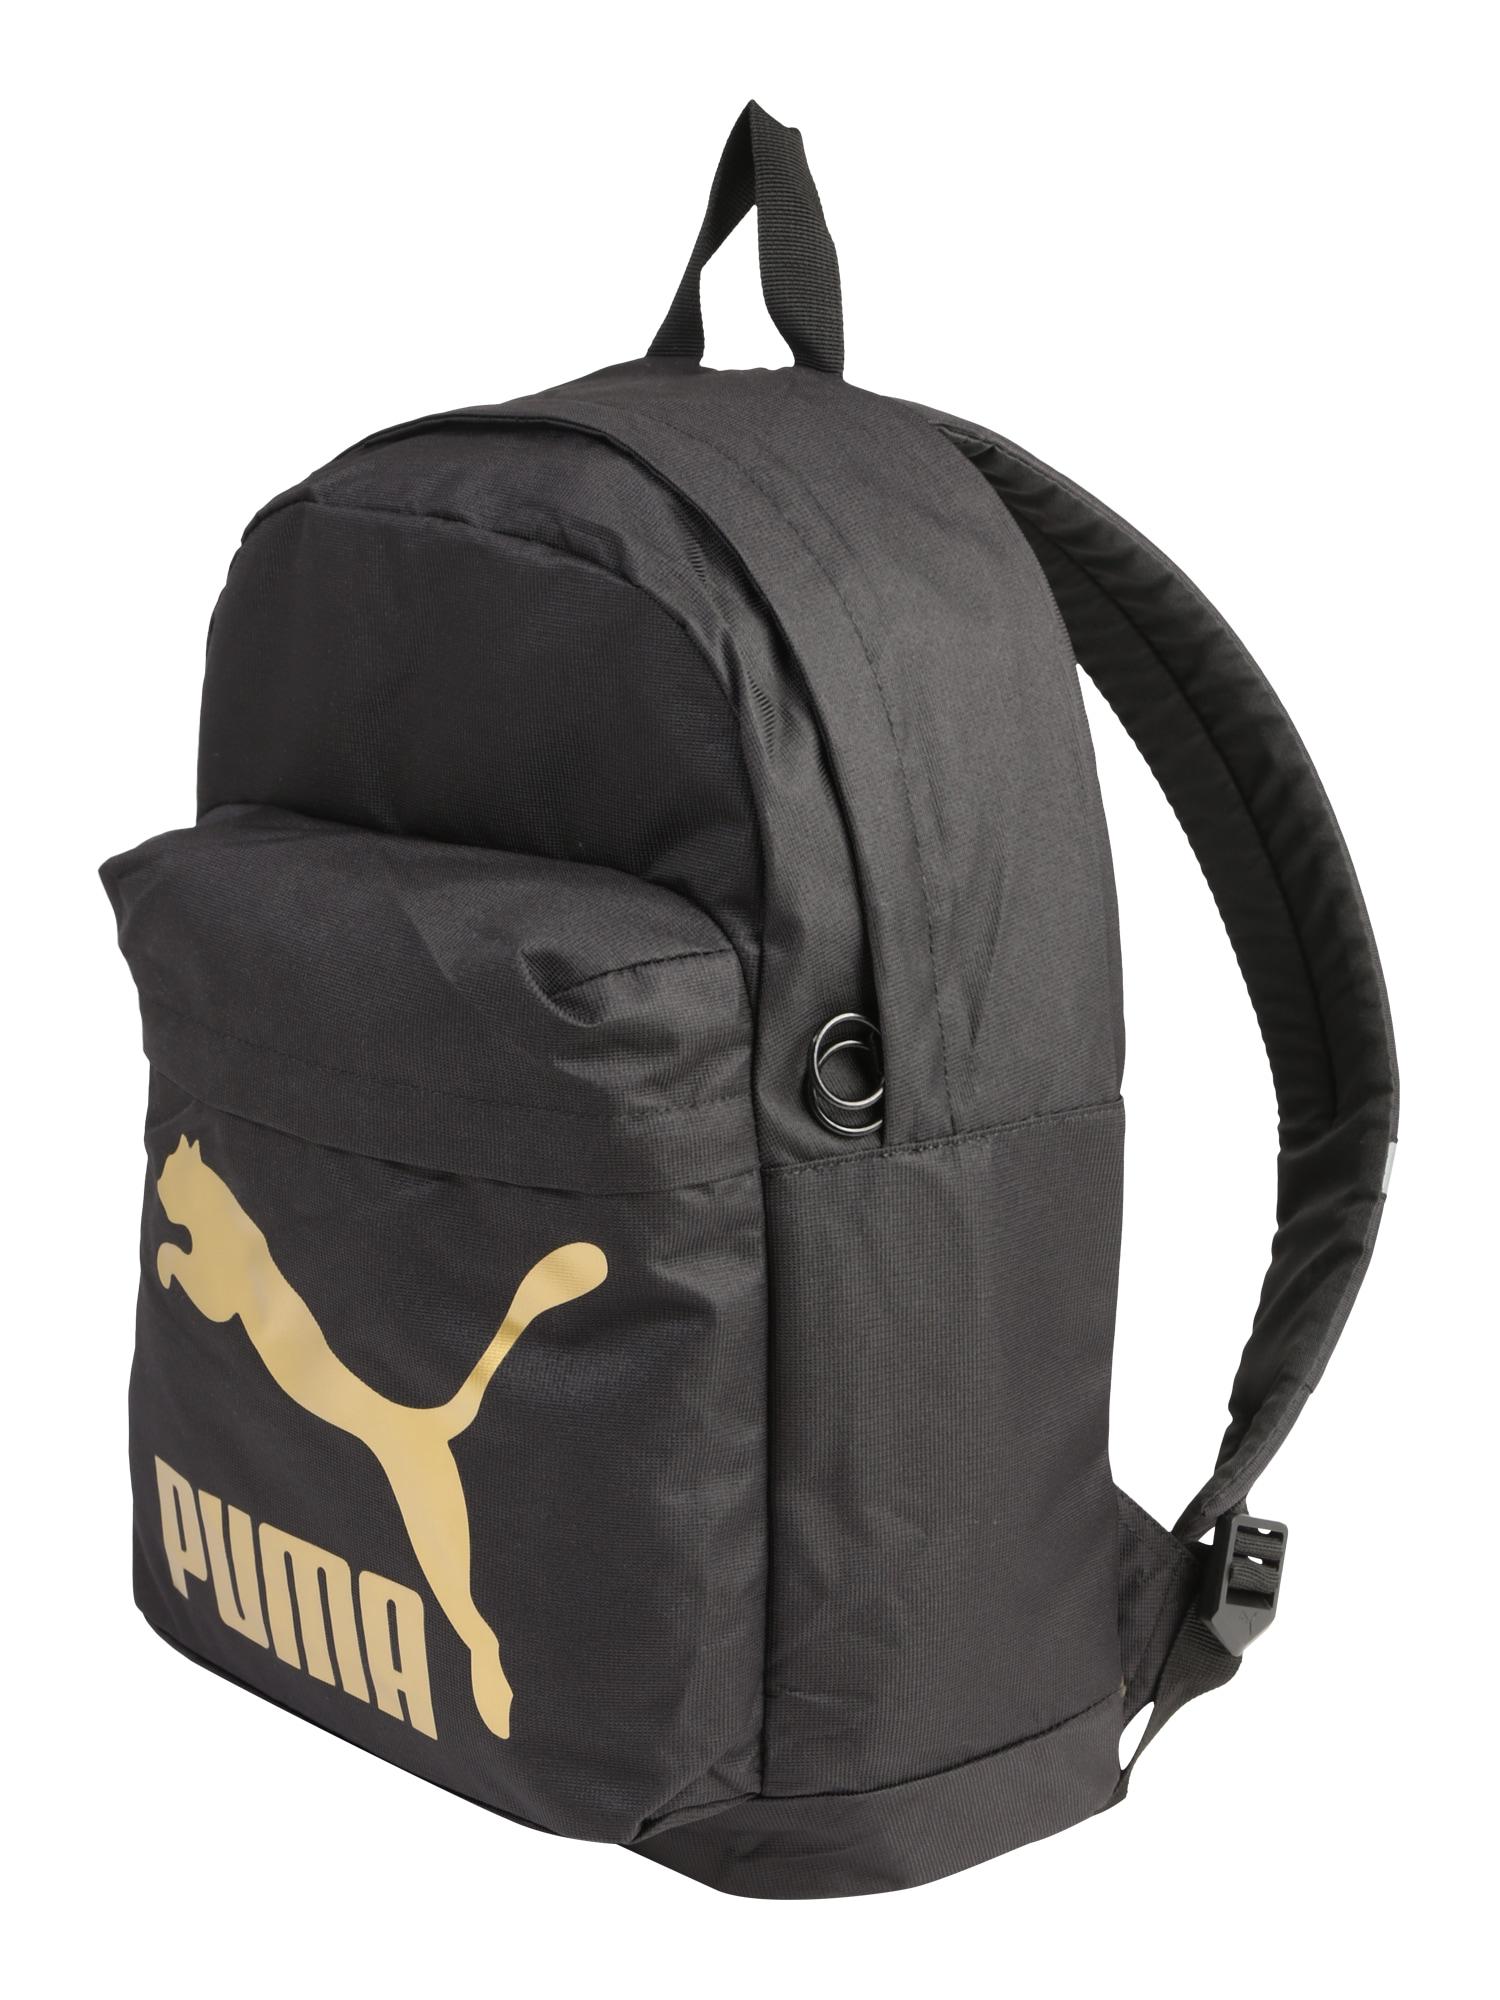 Sportovní batoh Originals Backpack zlatá černá PUMA